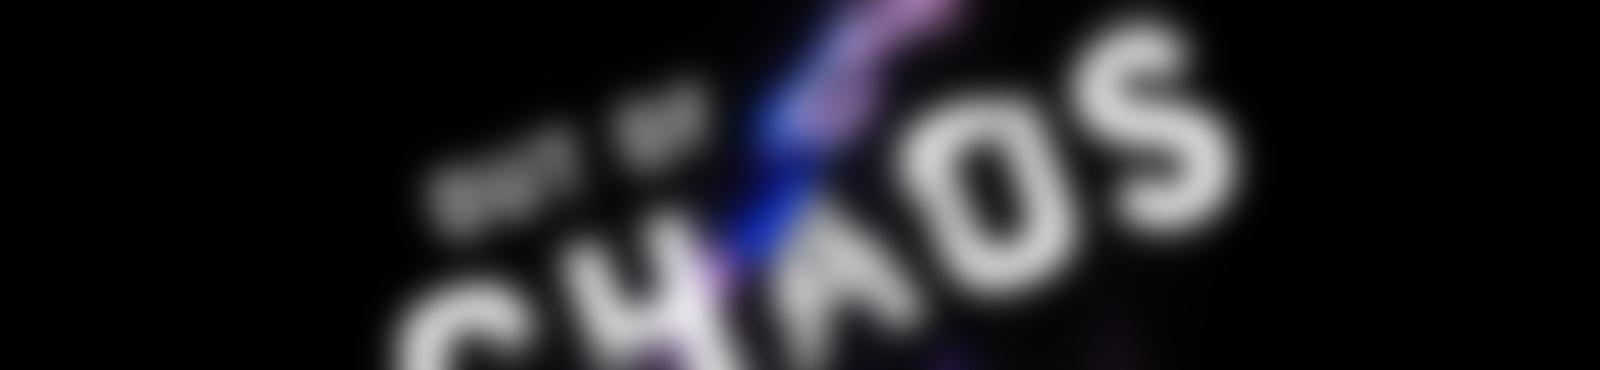 Blurred cad36e88 f181 4bc8 98b8 d673a721e1de